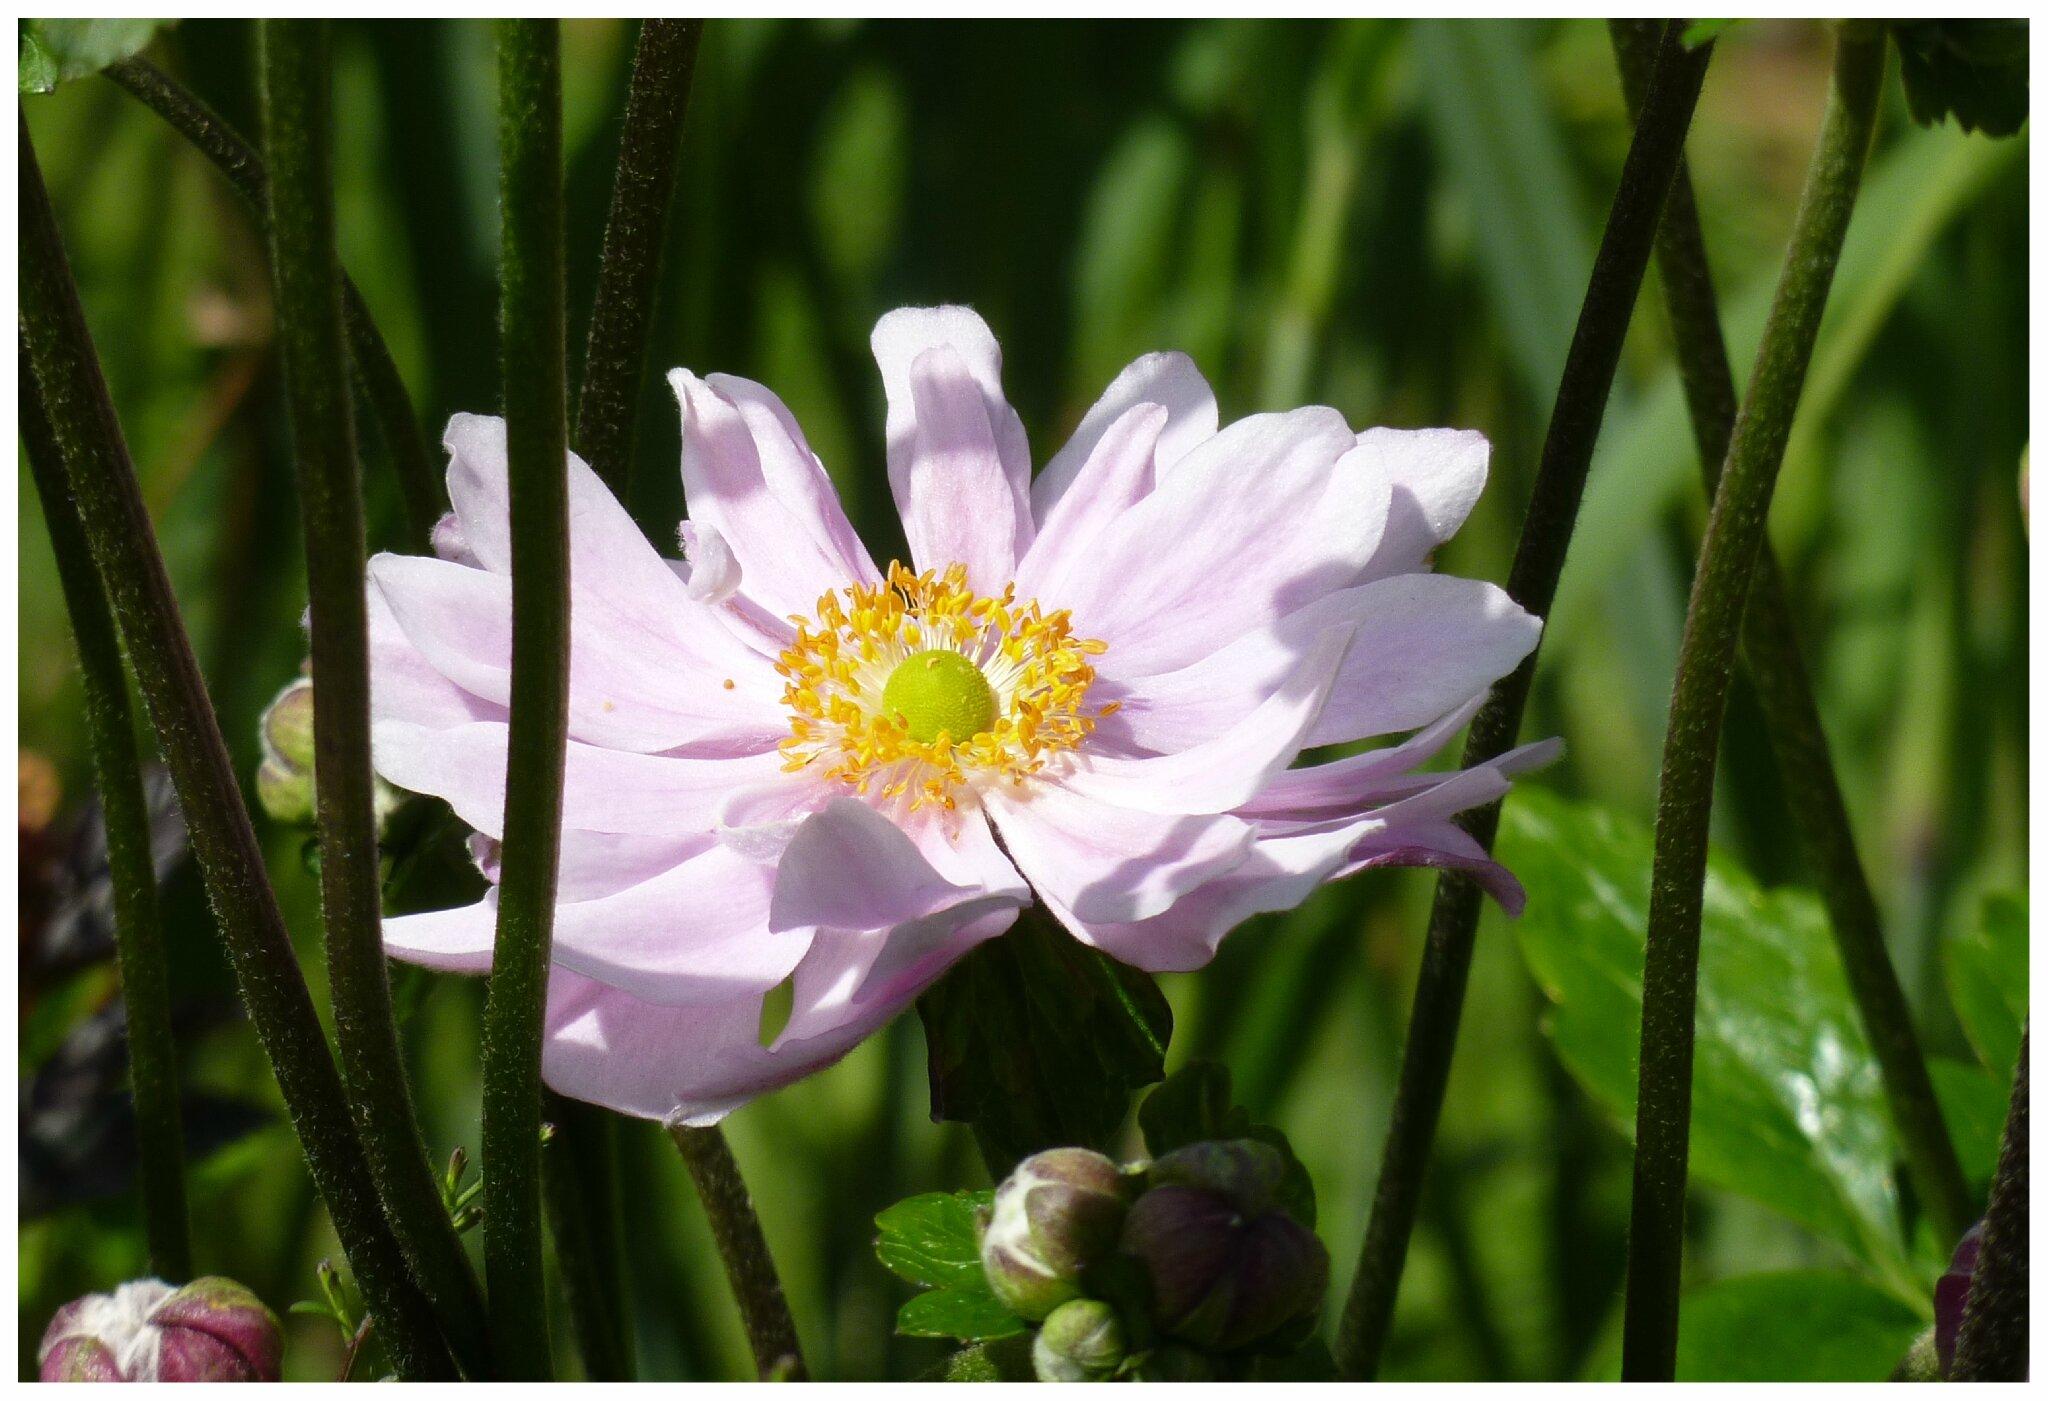 En ce moment le jardin par passion for Passion amistad